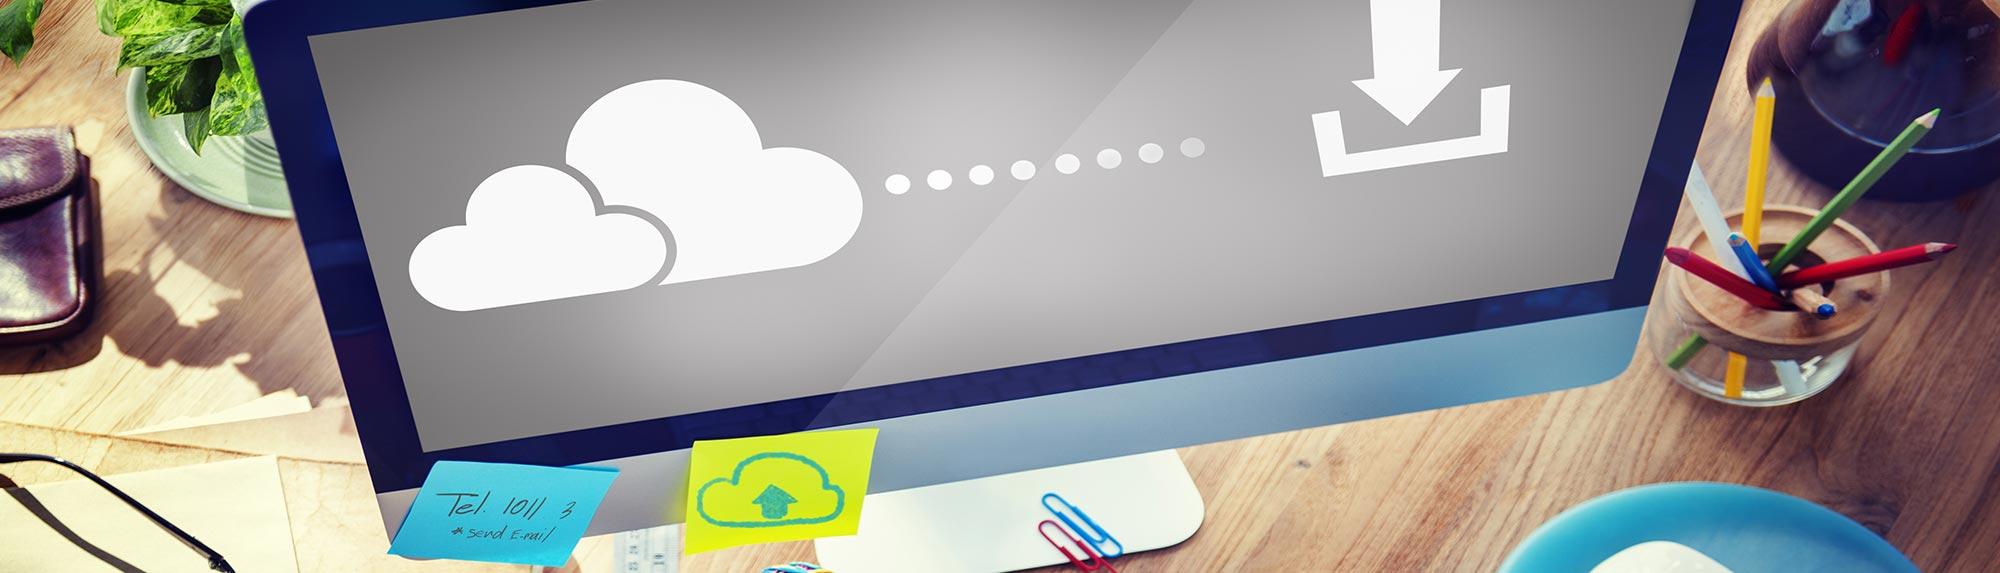 virtualizzazione cloud telelavoro accesso remoto alessandria milano torino genova